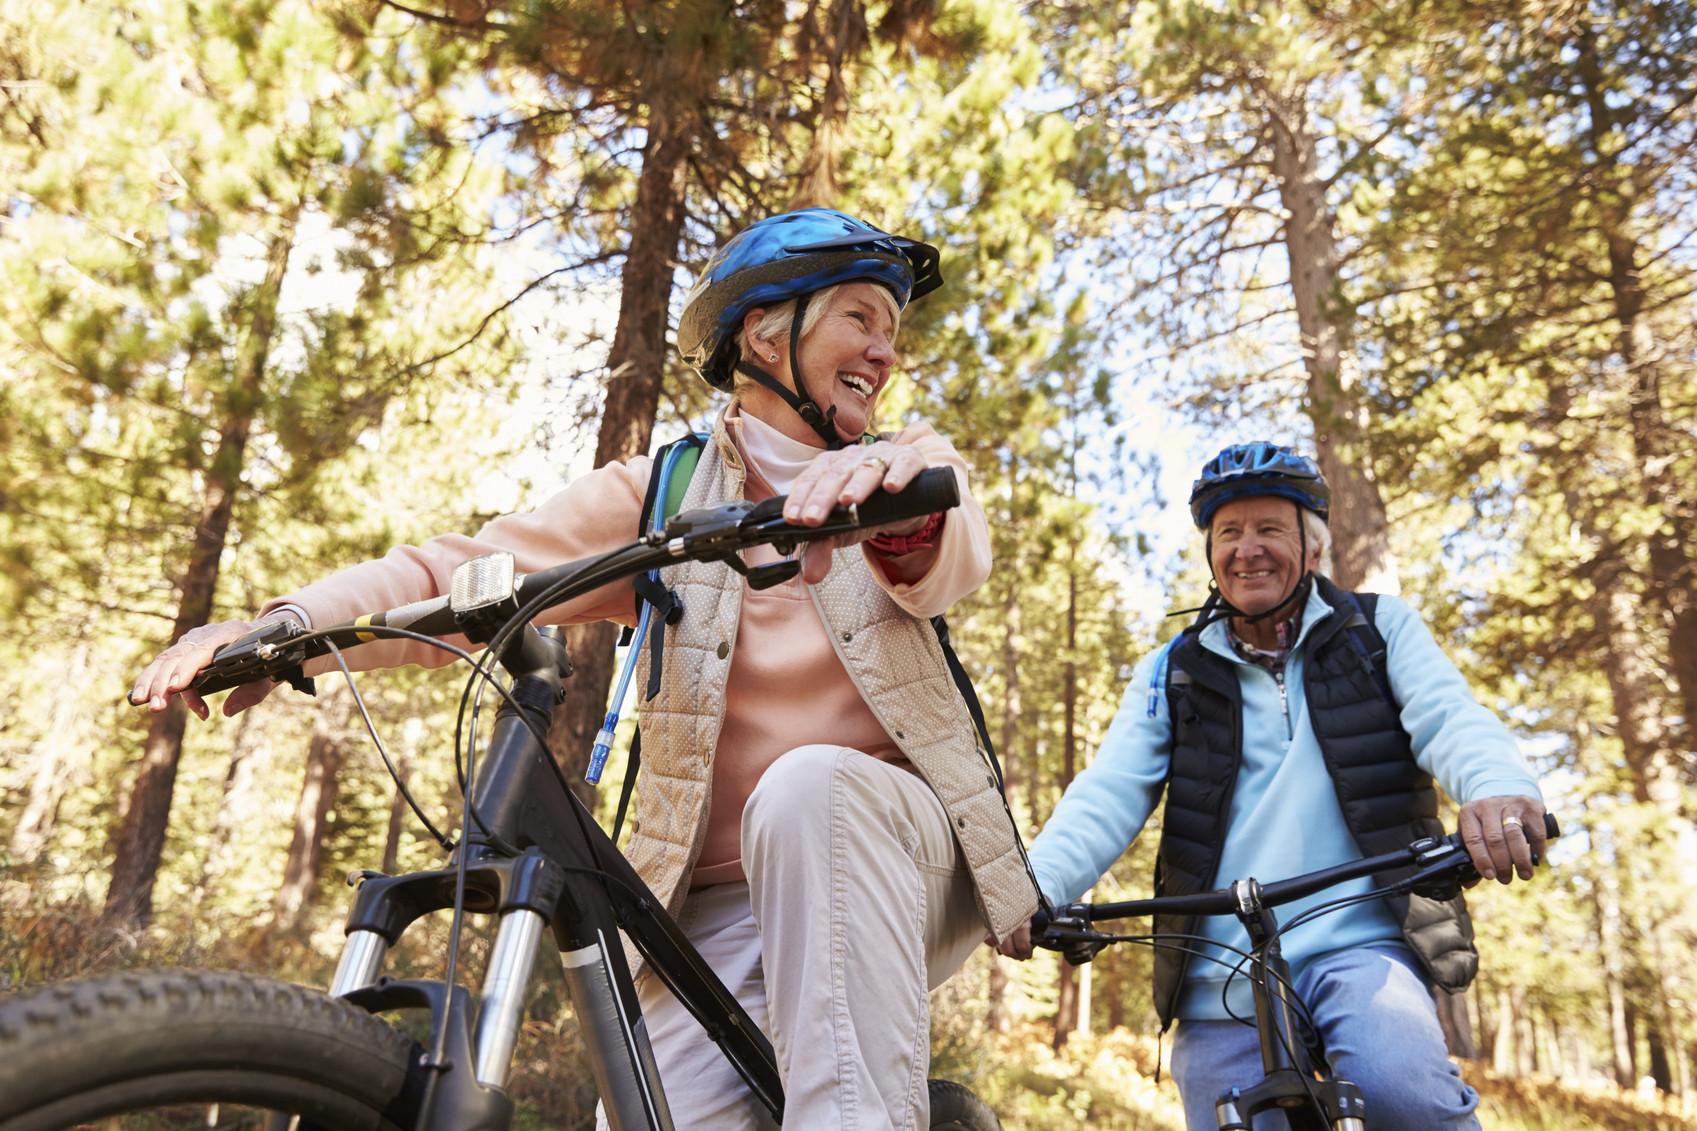 092616-cycling-blog